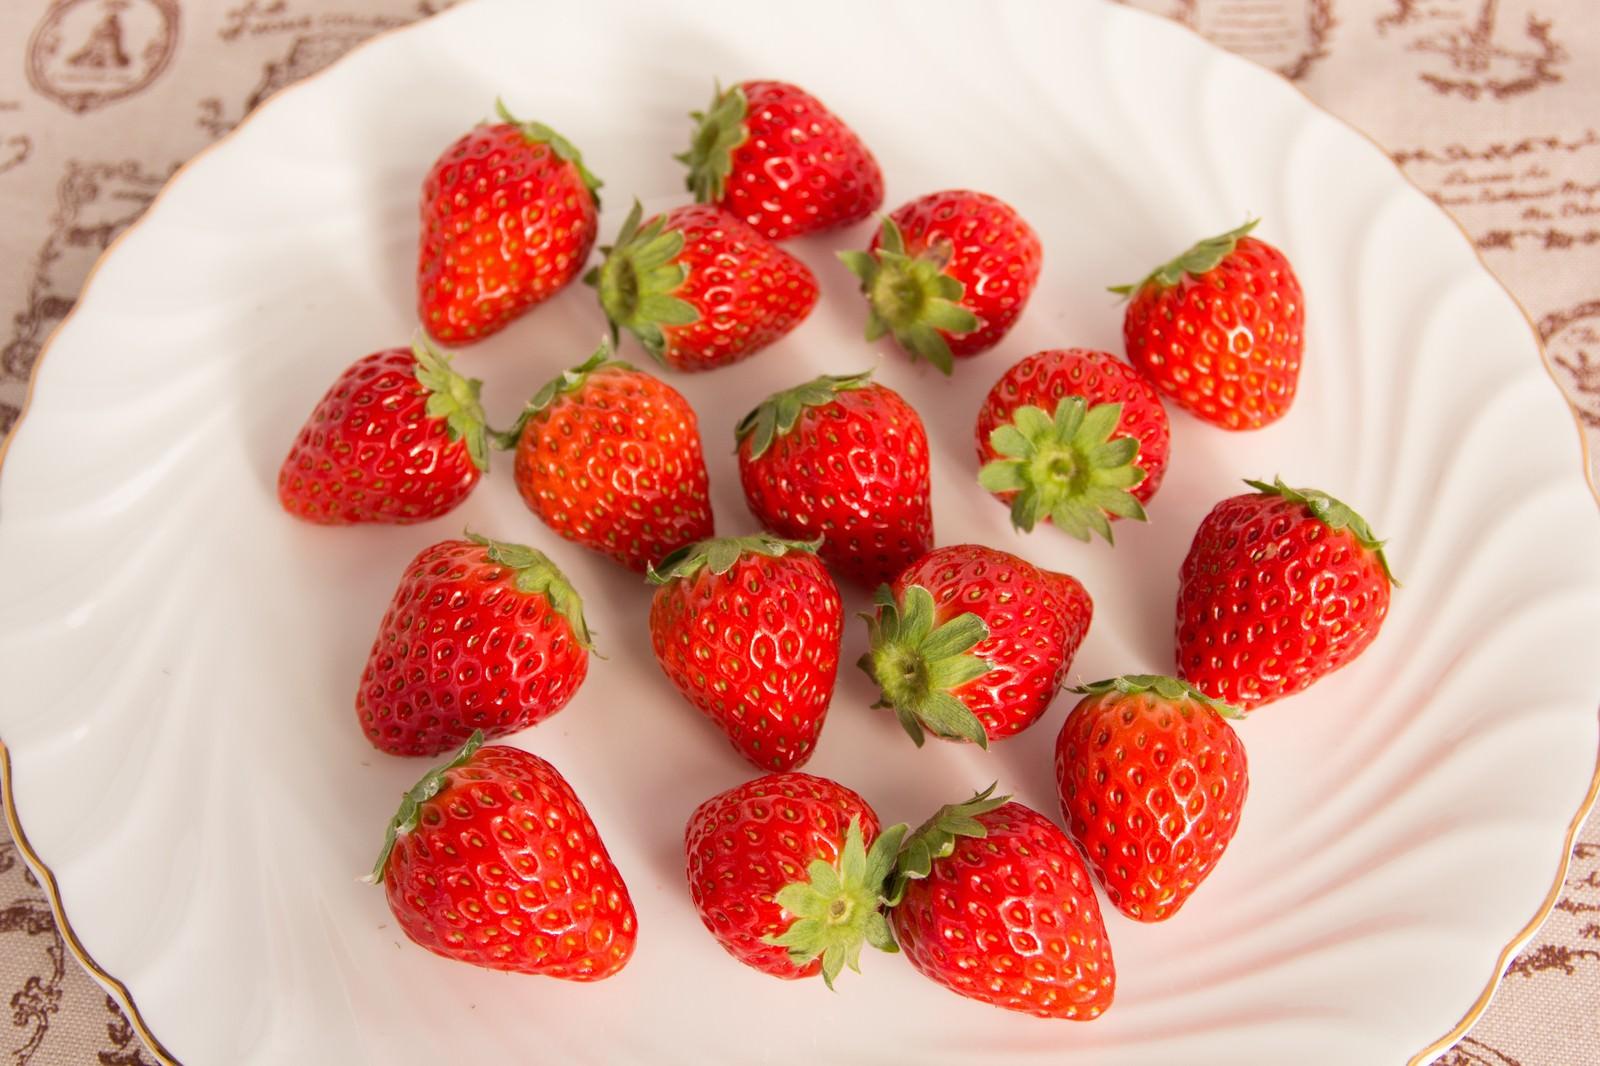 「お皿の上に散らばった採れたての苺」の写真